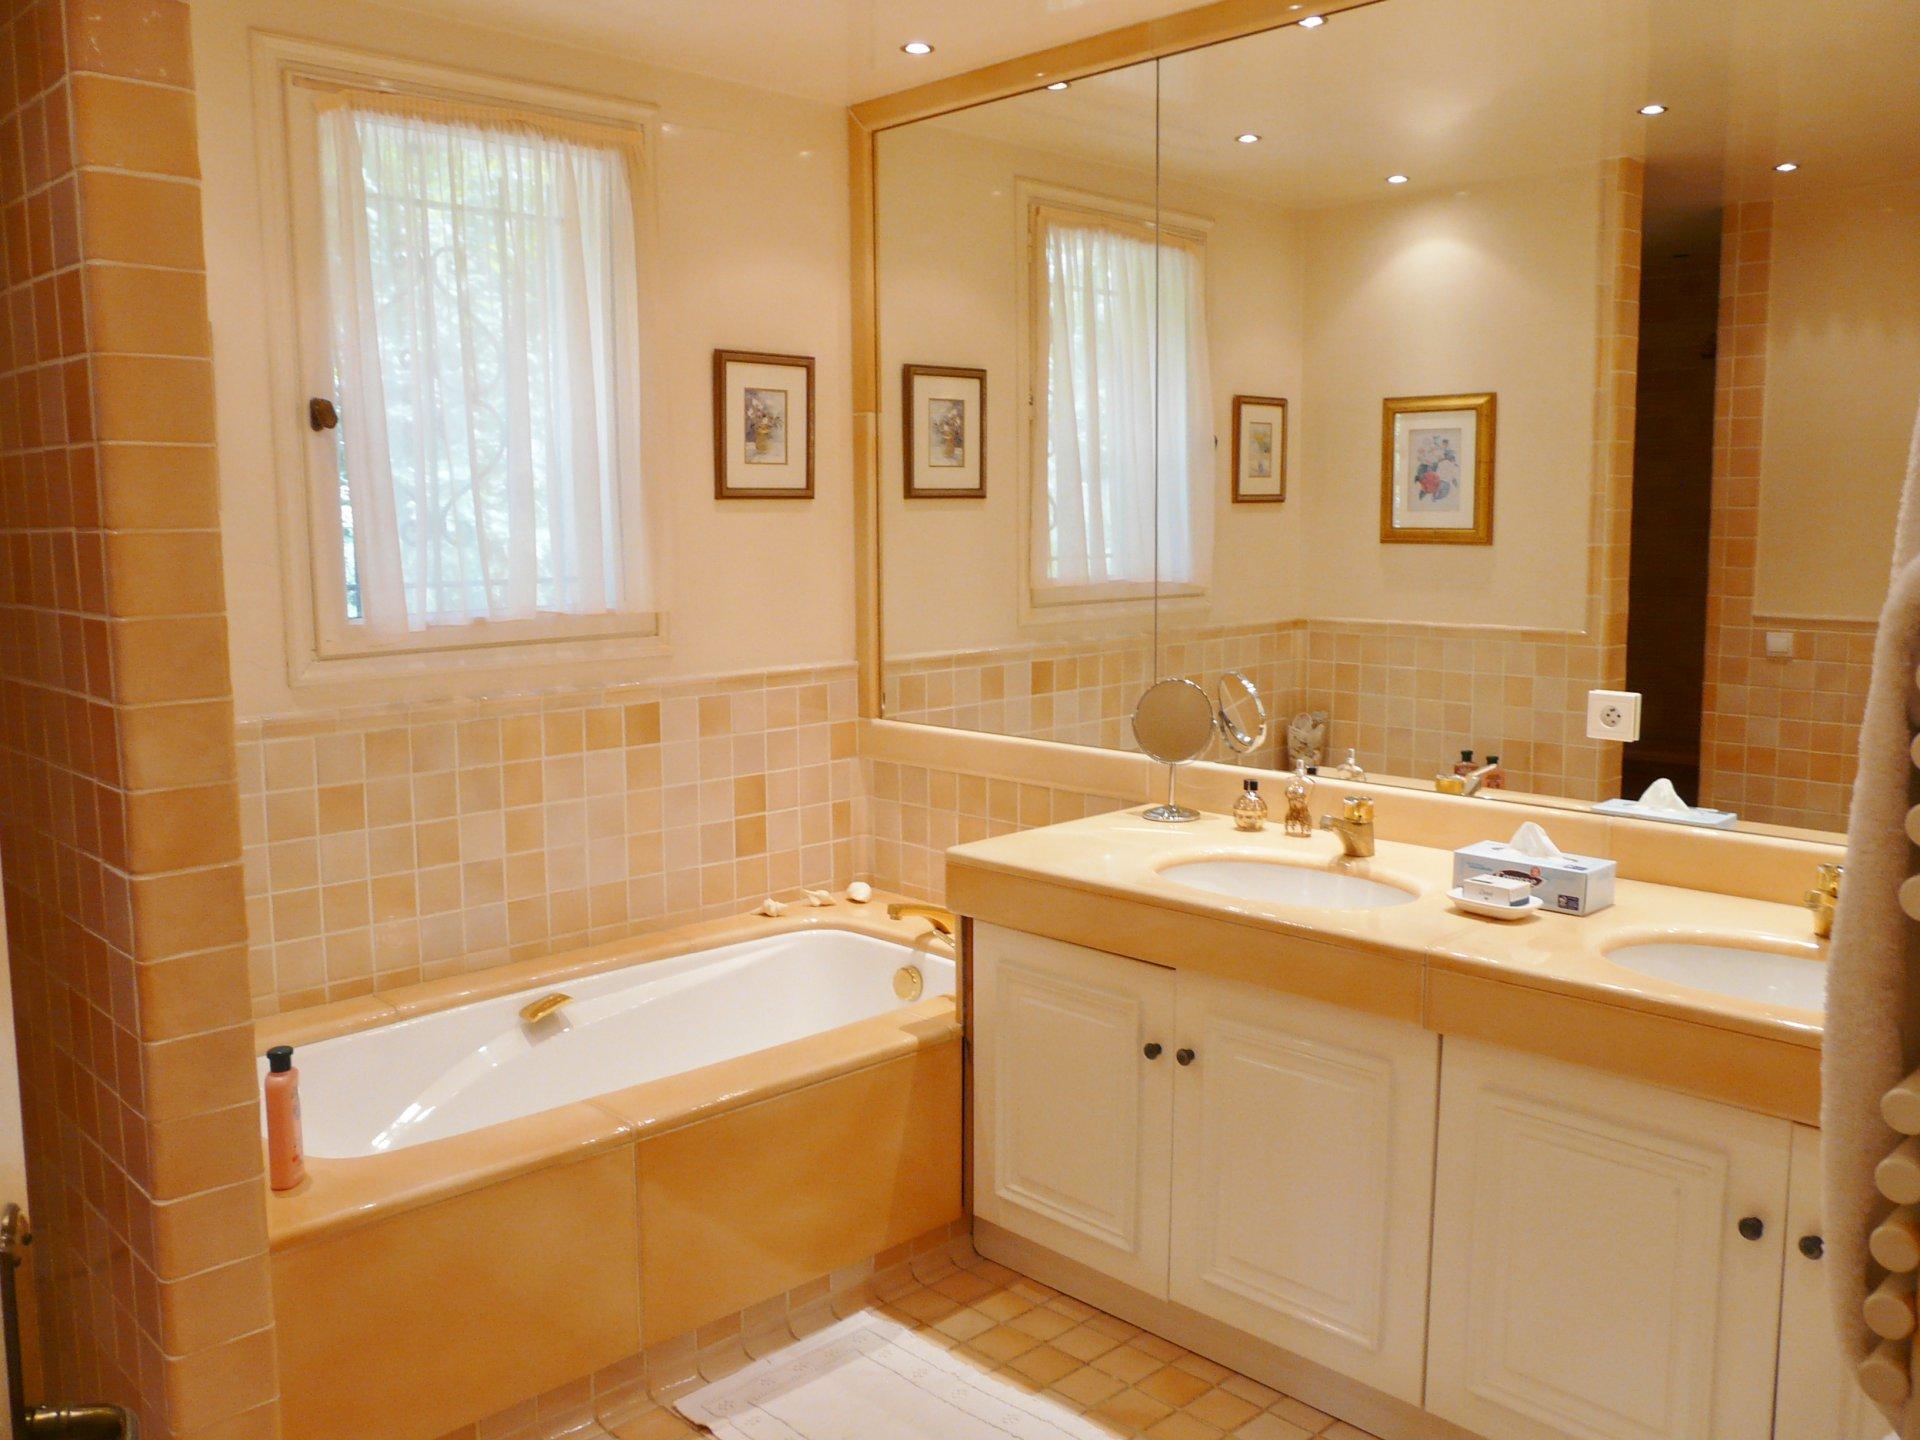 Salle de bains, lumière naturelle, carrelage,